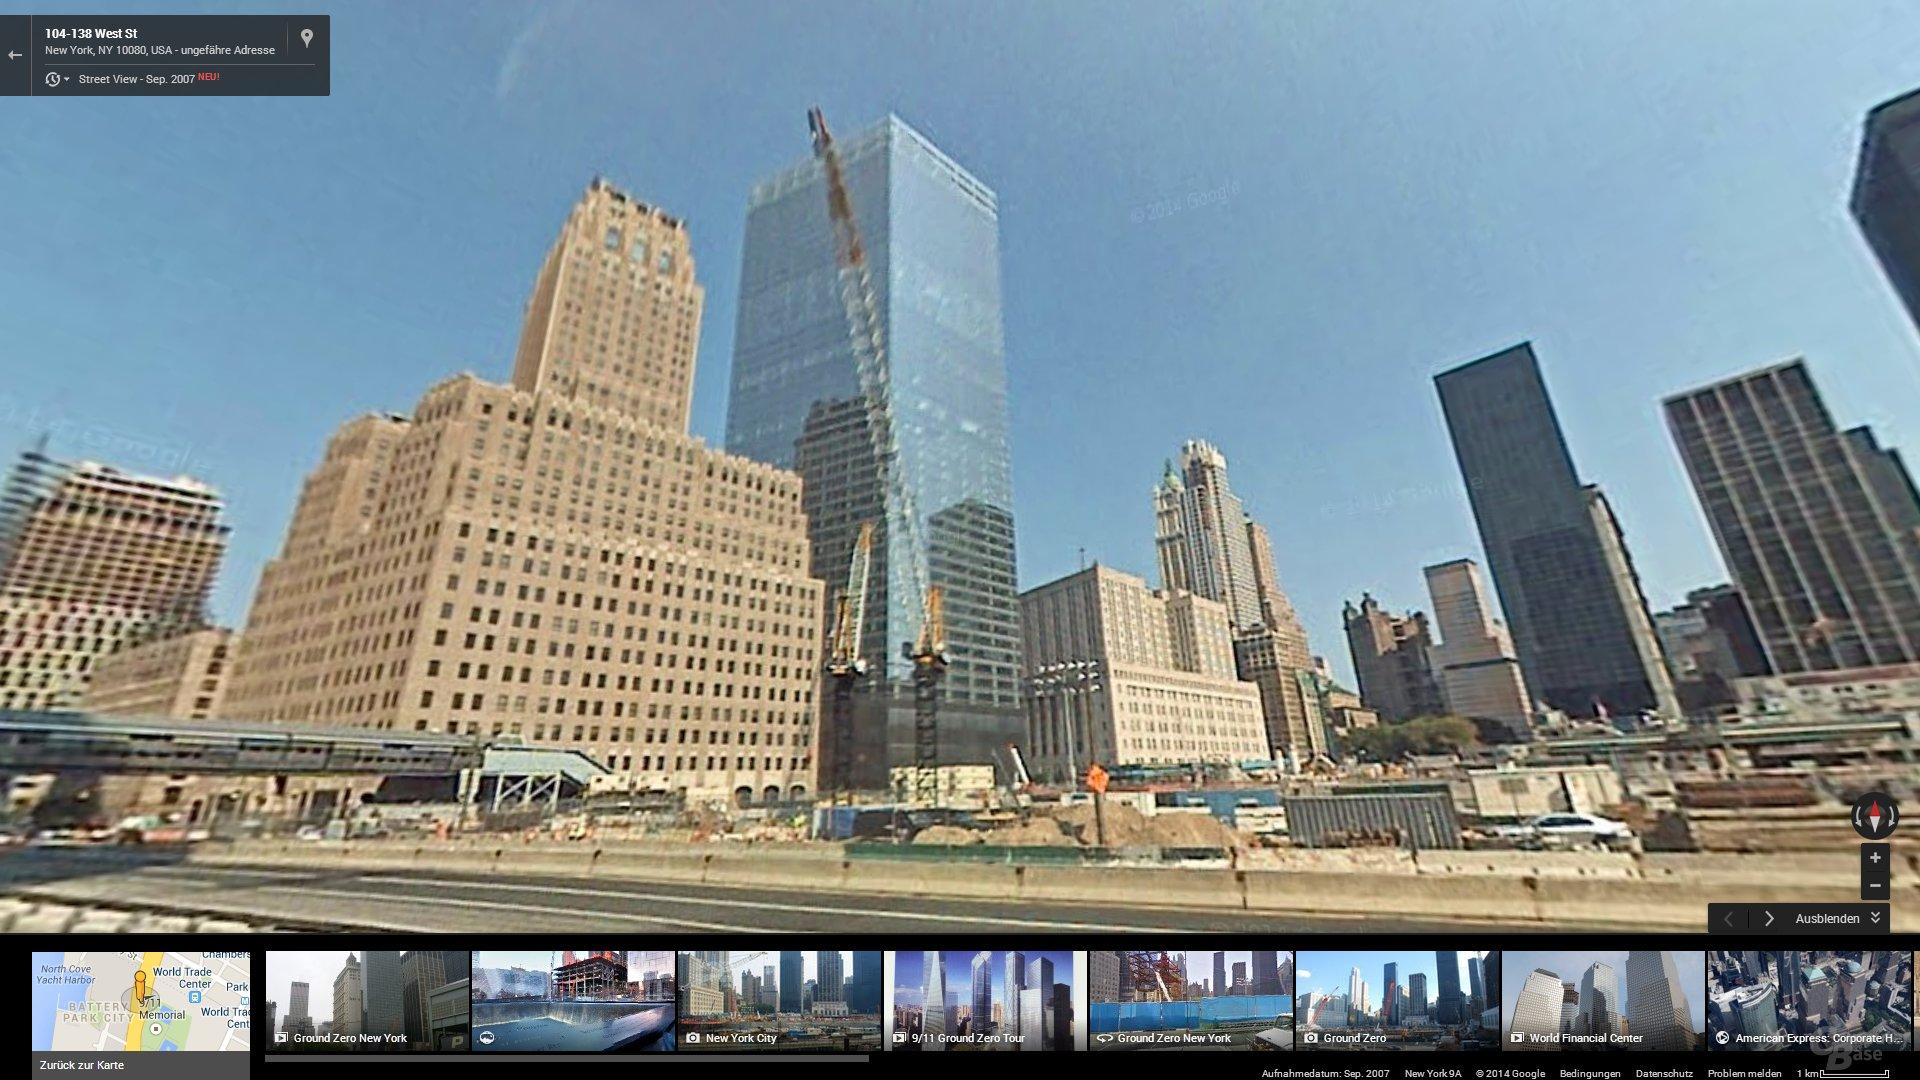 Zeitreise mit Google Street View: Freedom Tower in New York City